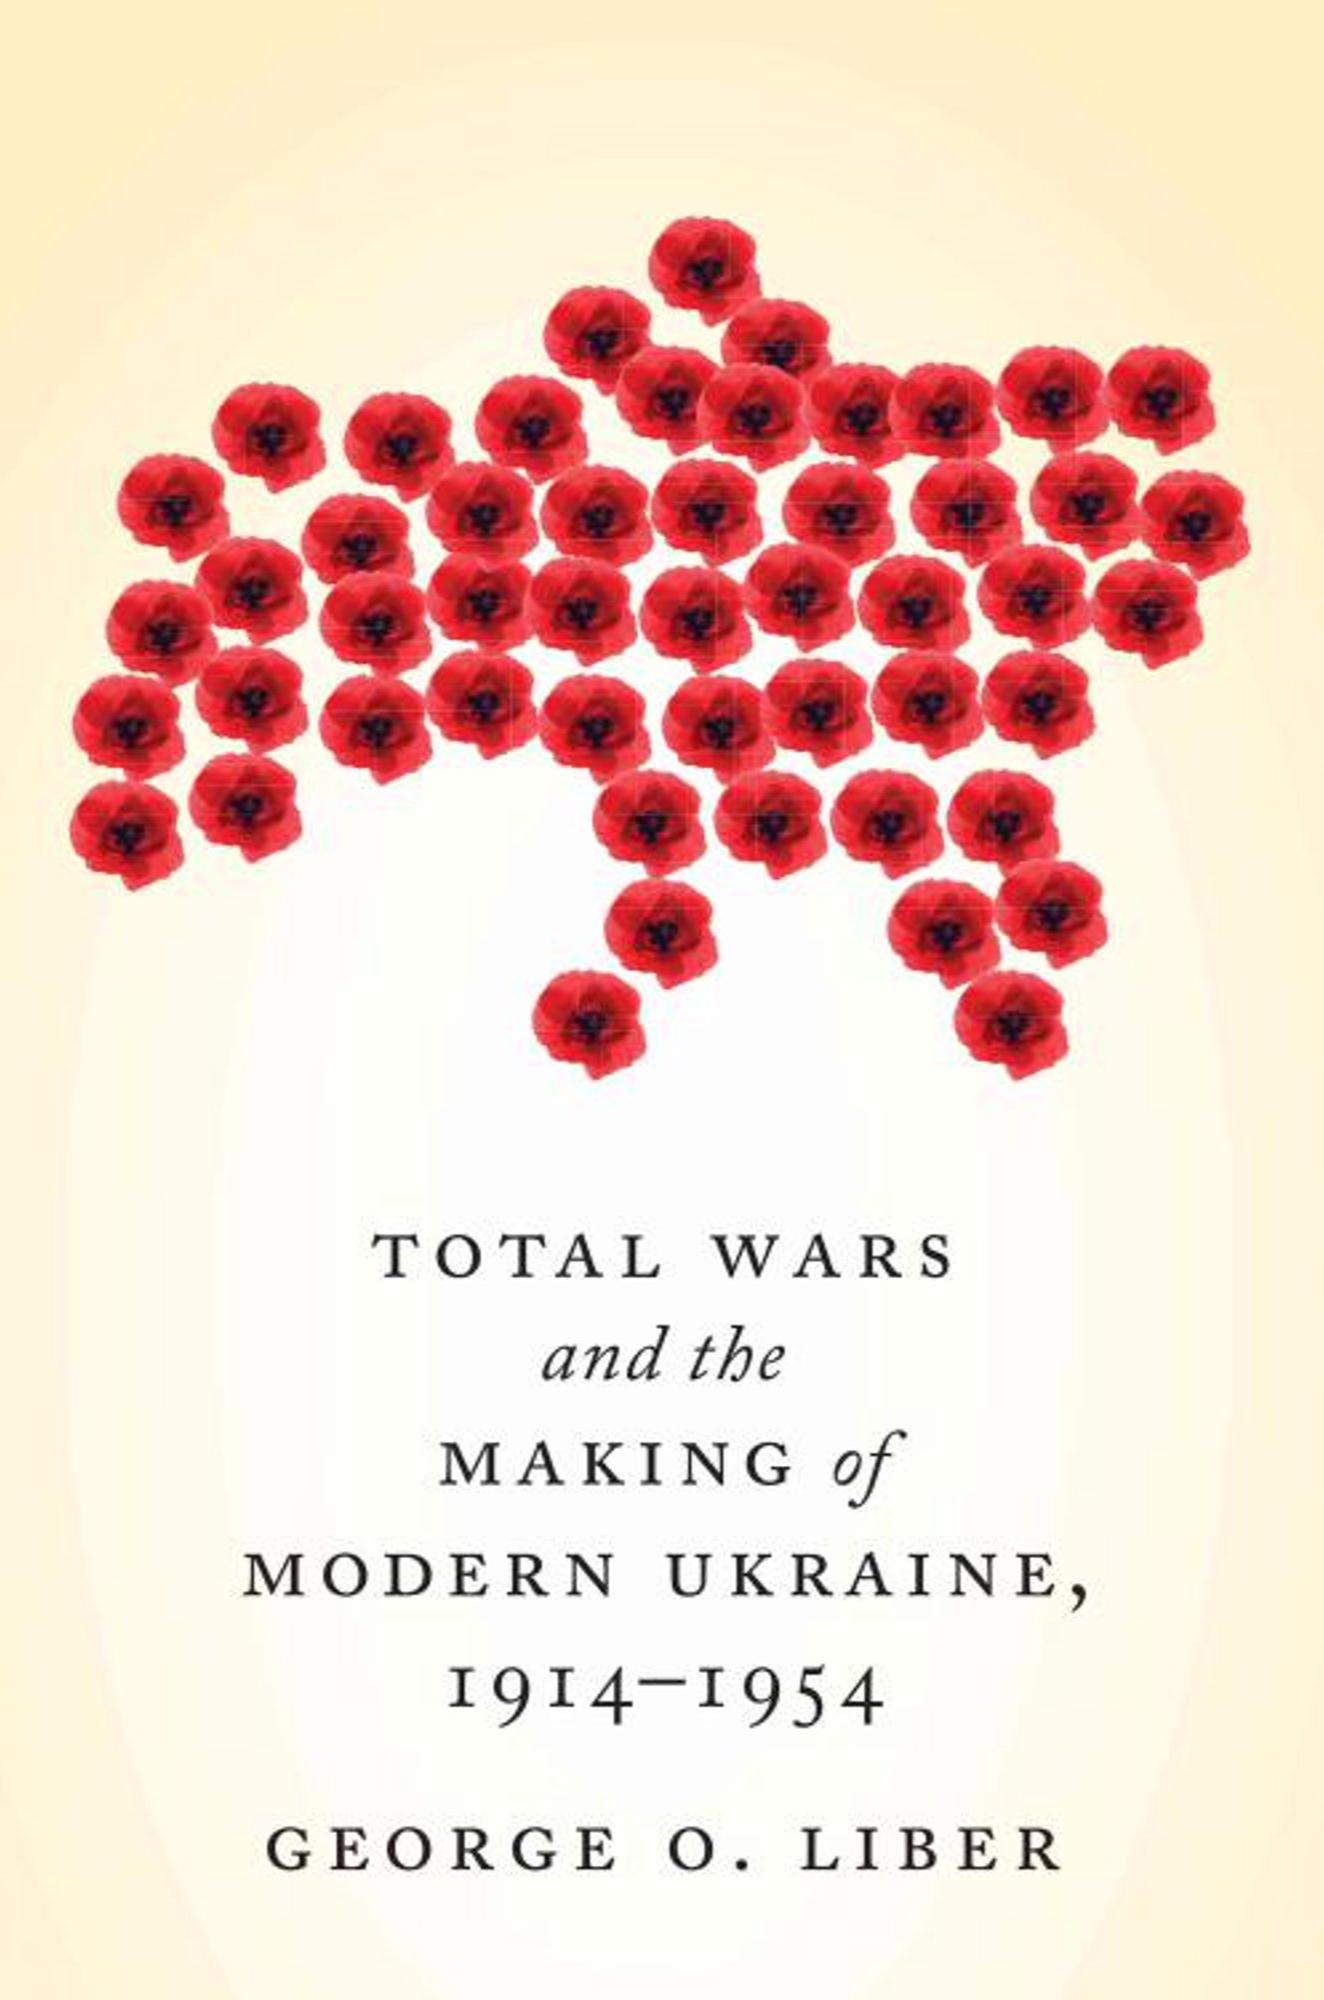 """Юрій Лібер, """"Тотальні війни: творення модерної України в 1914—1954 роках"""""""